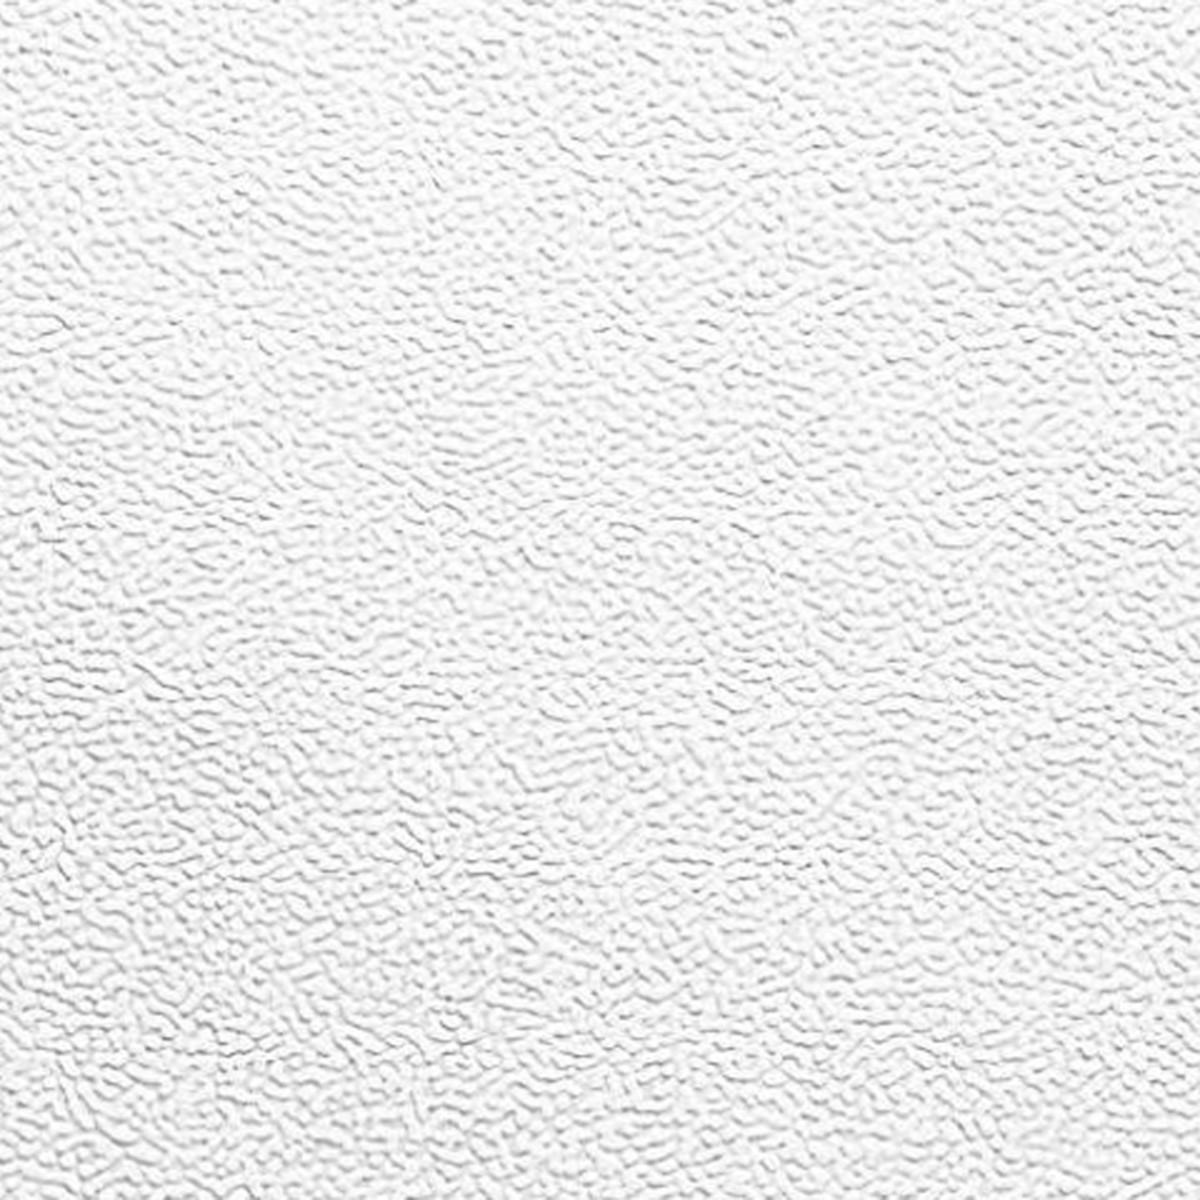 Обои флизелиновые С.Л.Г. белые 1.06 м с-99